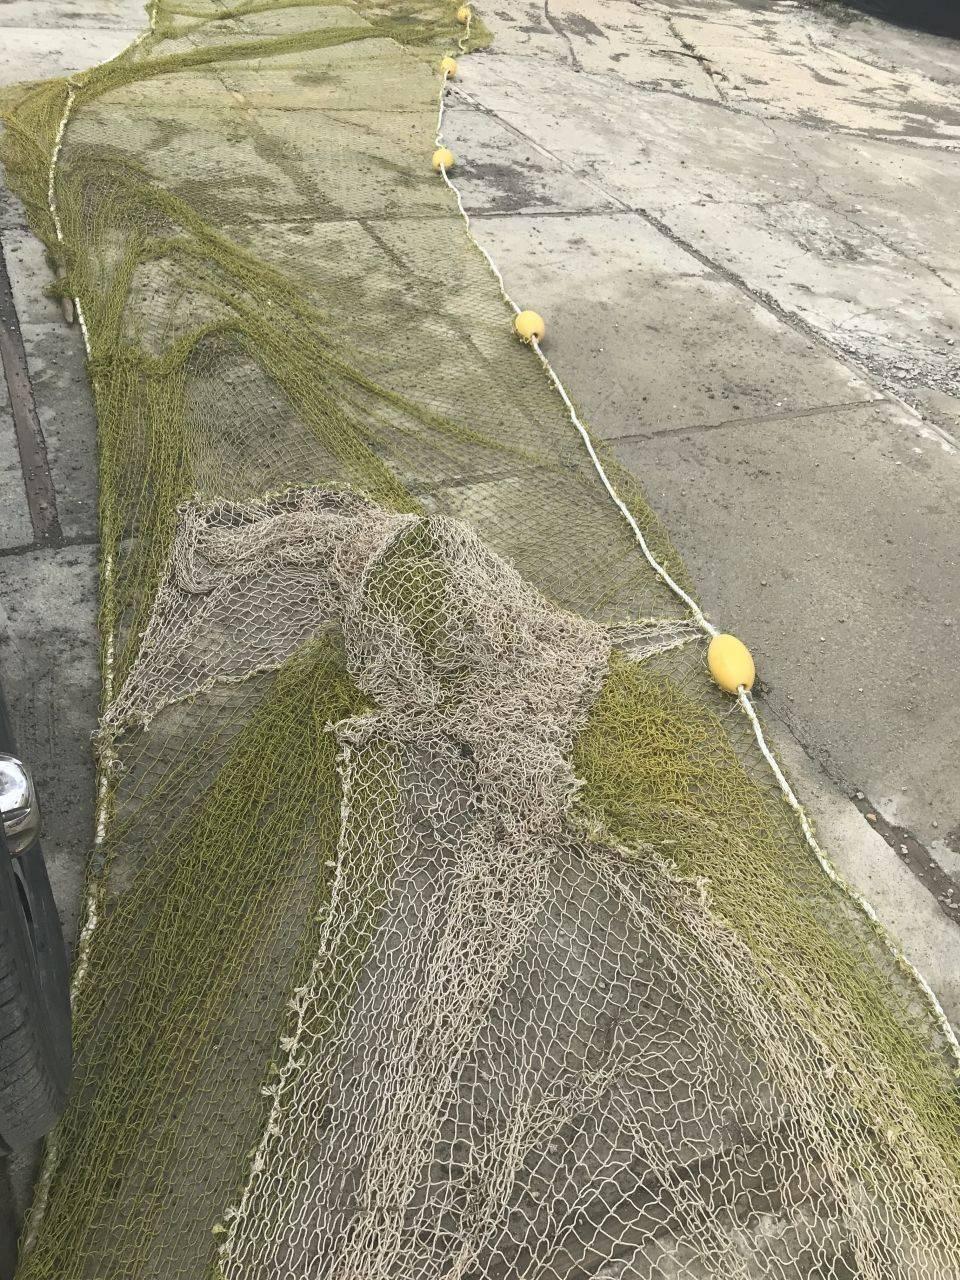 Невод (21 фото): что это такое? ставные неводы для рыбалки и кошельковые с мелкими ячейками, закидные и другие виды, их размеры